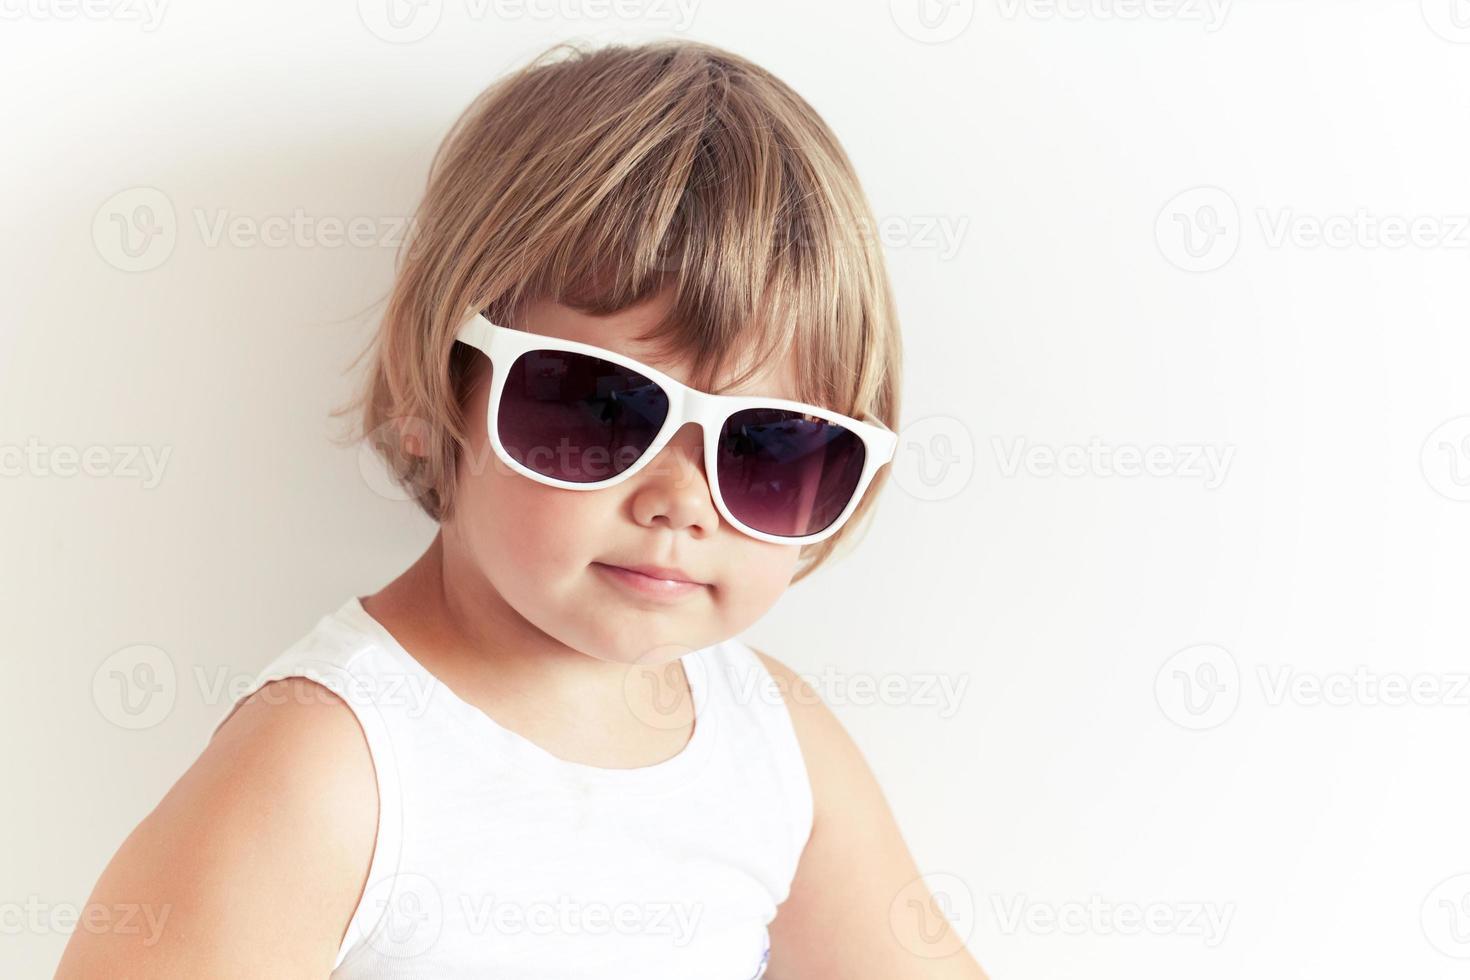 süßes kaukasisches kleines Mädchen in der Sonnenbrille auf Weiß foto